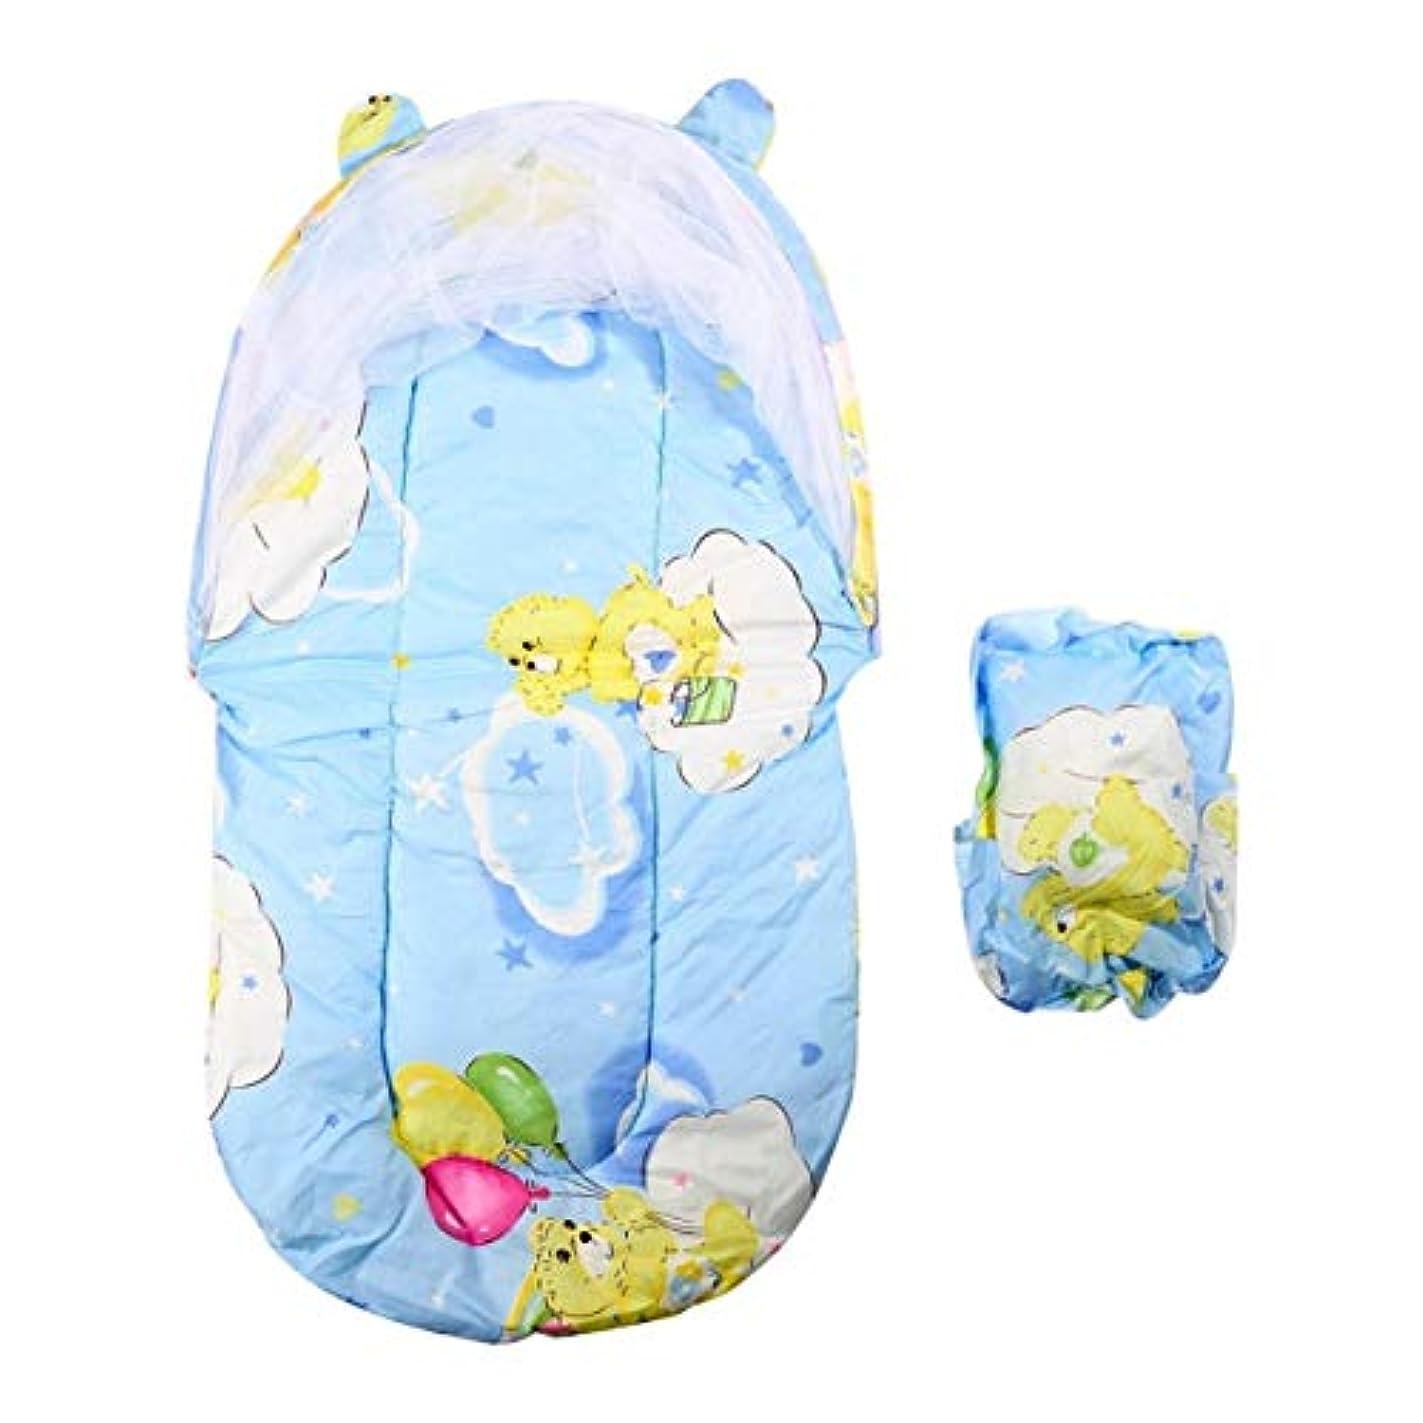 組み込む埋めるジェームズダイソンSaikogoods 折り畳み式の新しい赤ん坊の綿パッド入りマットレス幼児枕ベッド蚊帳テントはキッズベビーベッドアクセサリーハングドームフロアスタンド 青